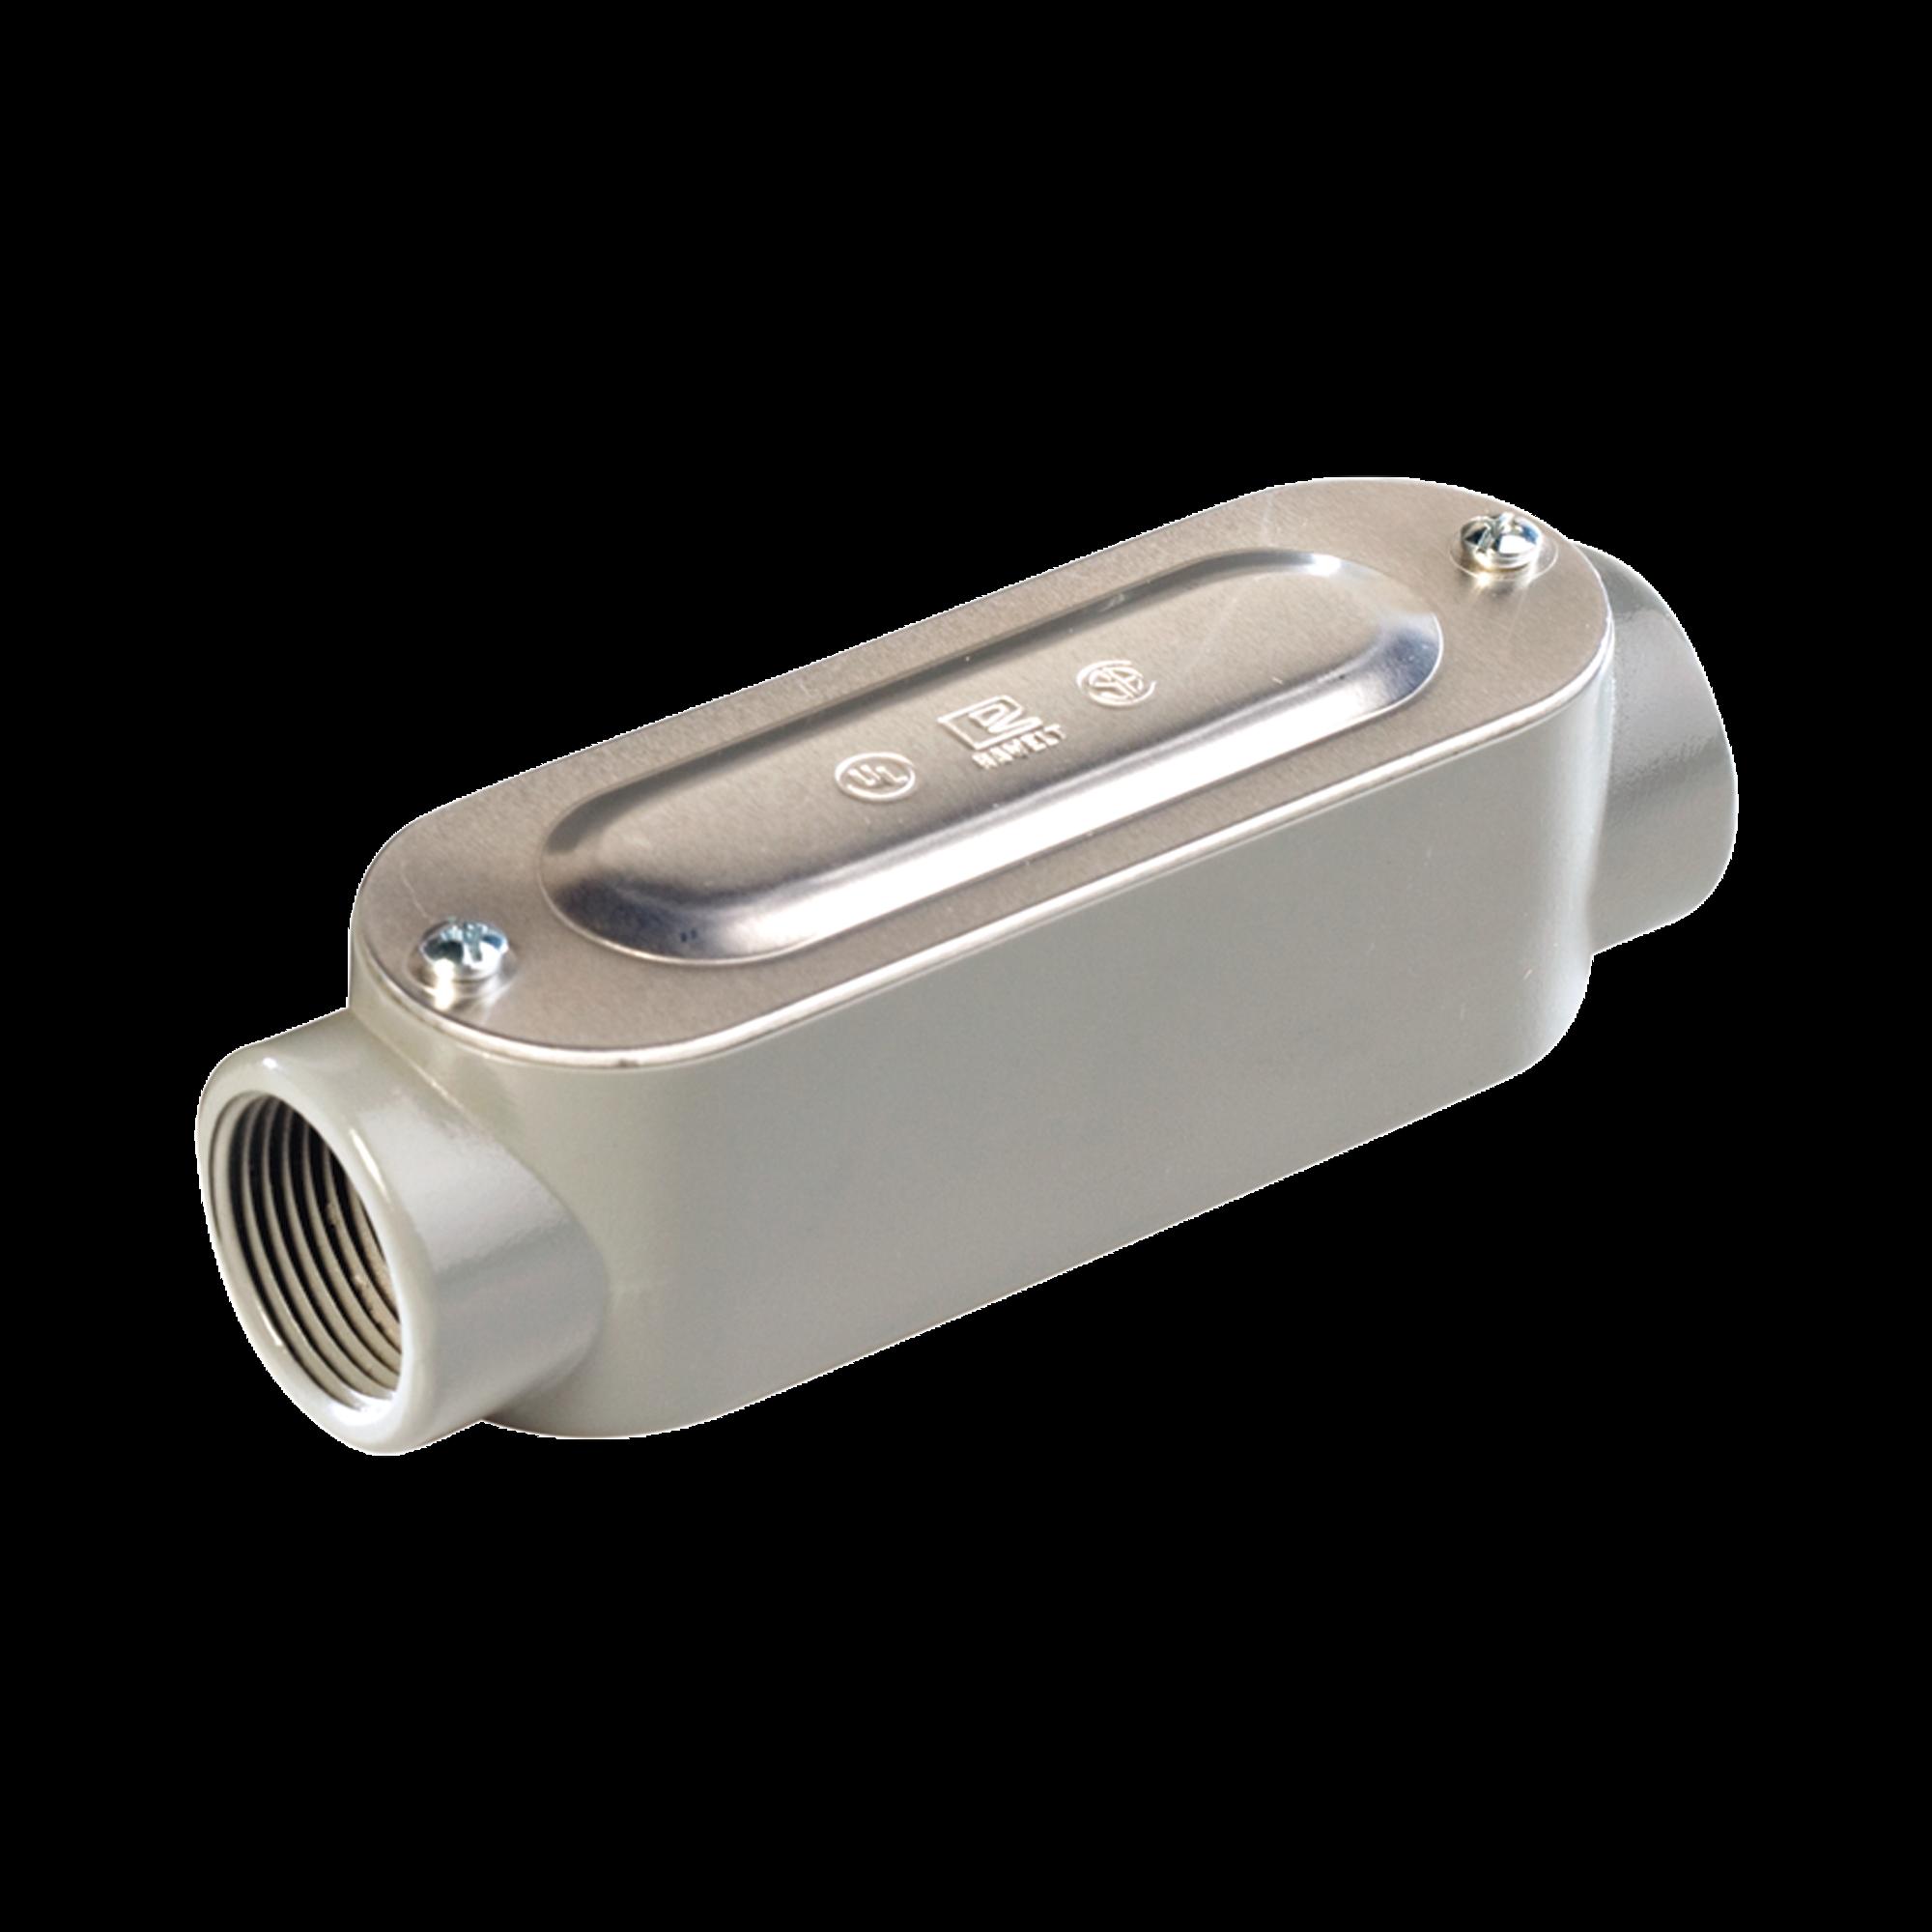 Caja Condulet tipo C de 1/2 (12.7 mm) Incluye tapa y tornillos.